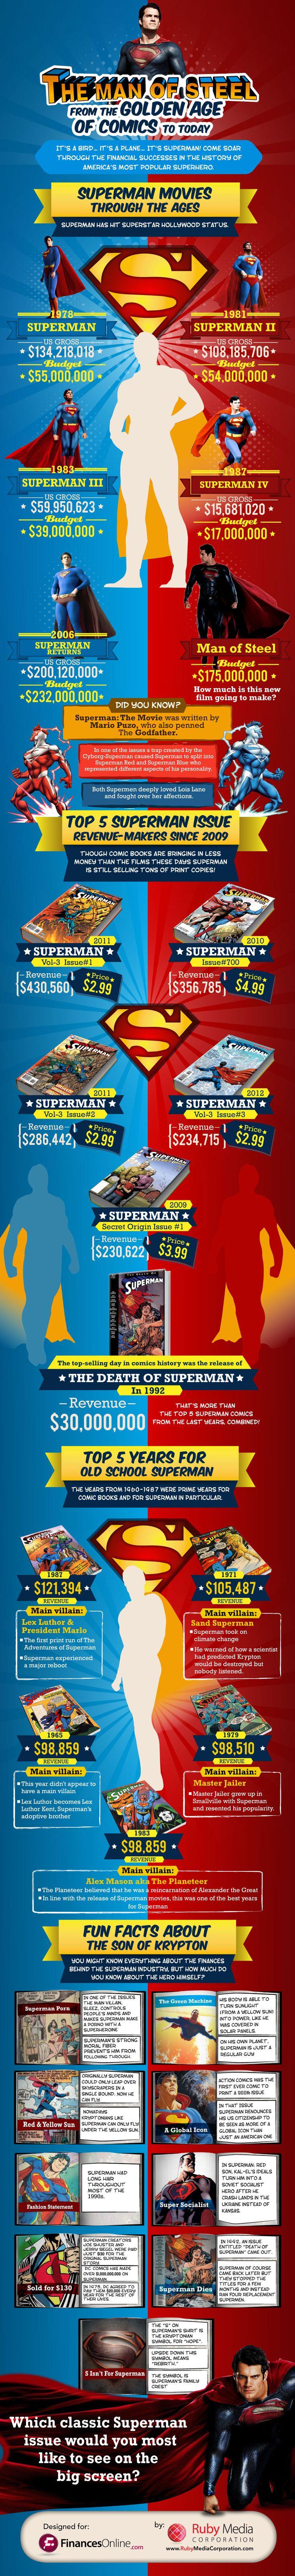 La serie fílmica de Superman es la lista de todos los largometrajes del personaje ficticio del cómic Superman, producidos desde 1951 hasta la fecha. Consta de seis entregas y ha sido una de las más populares desde 1978.